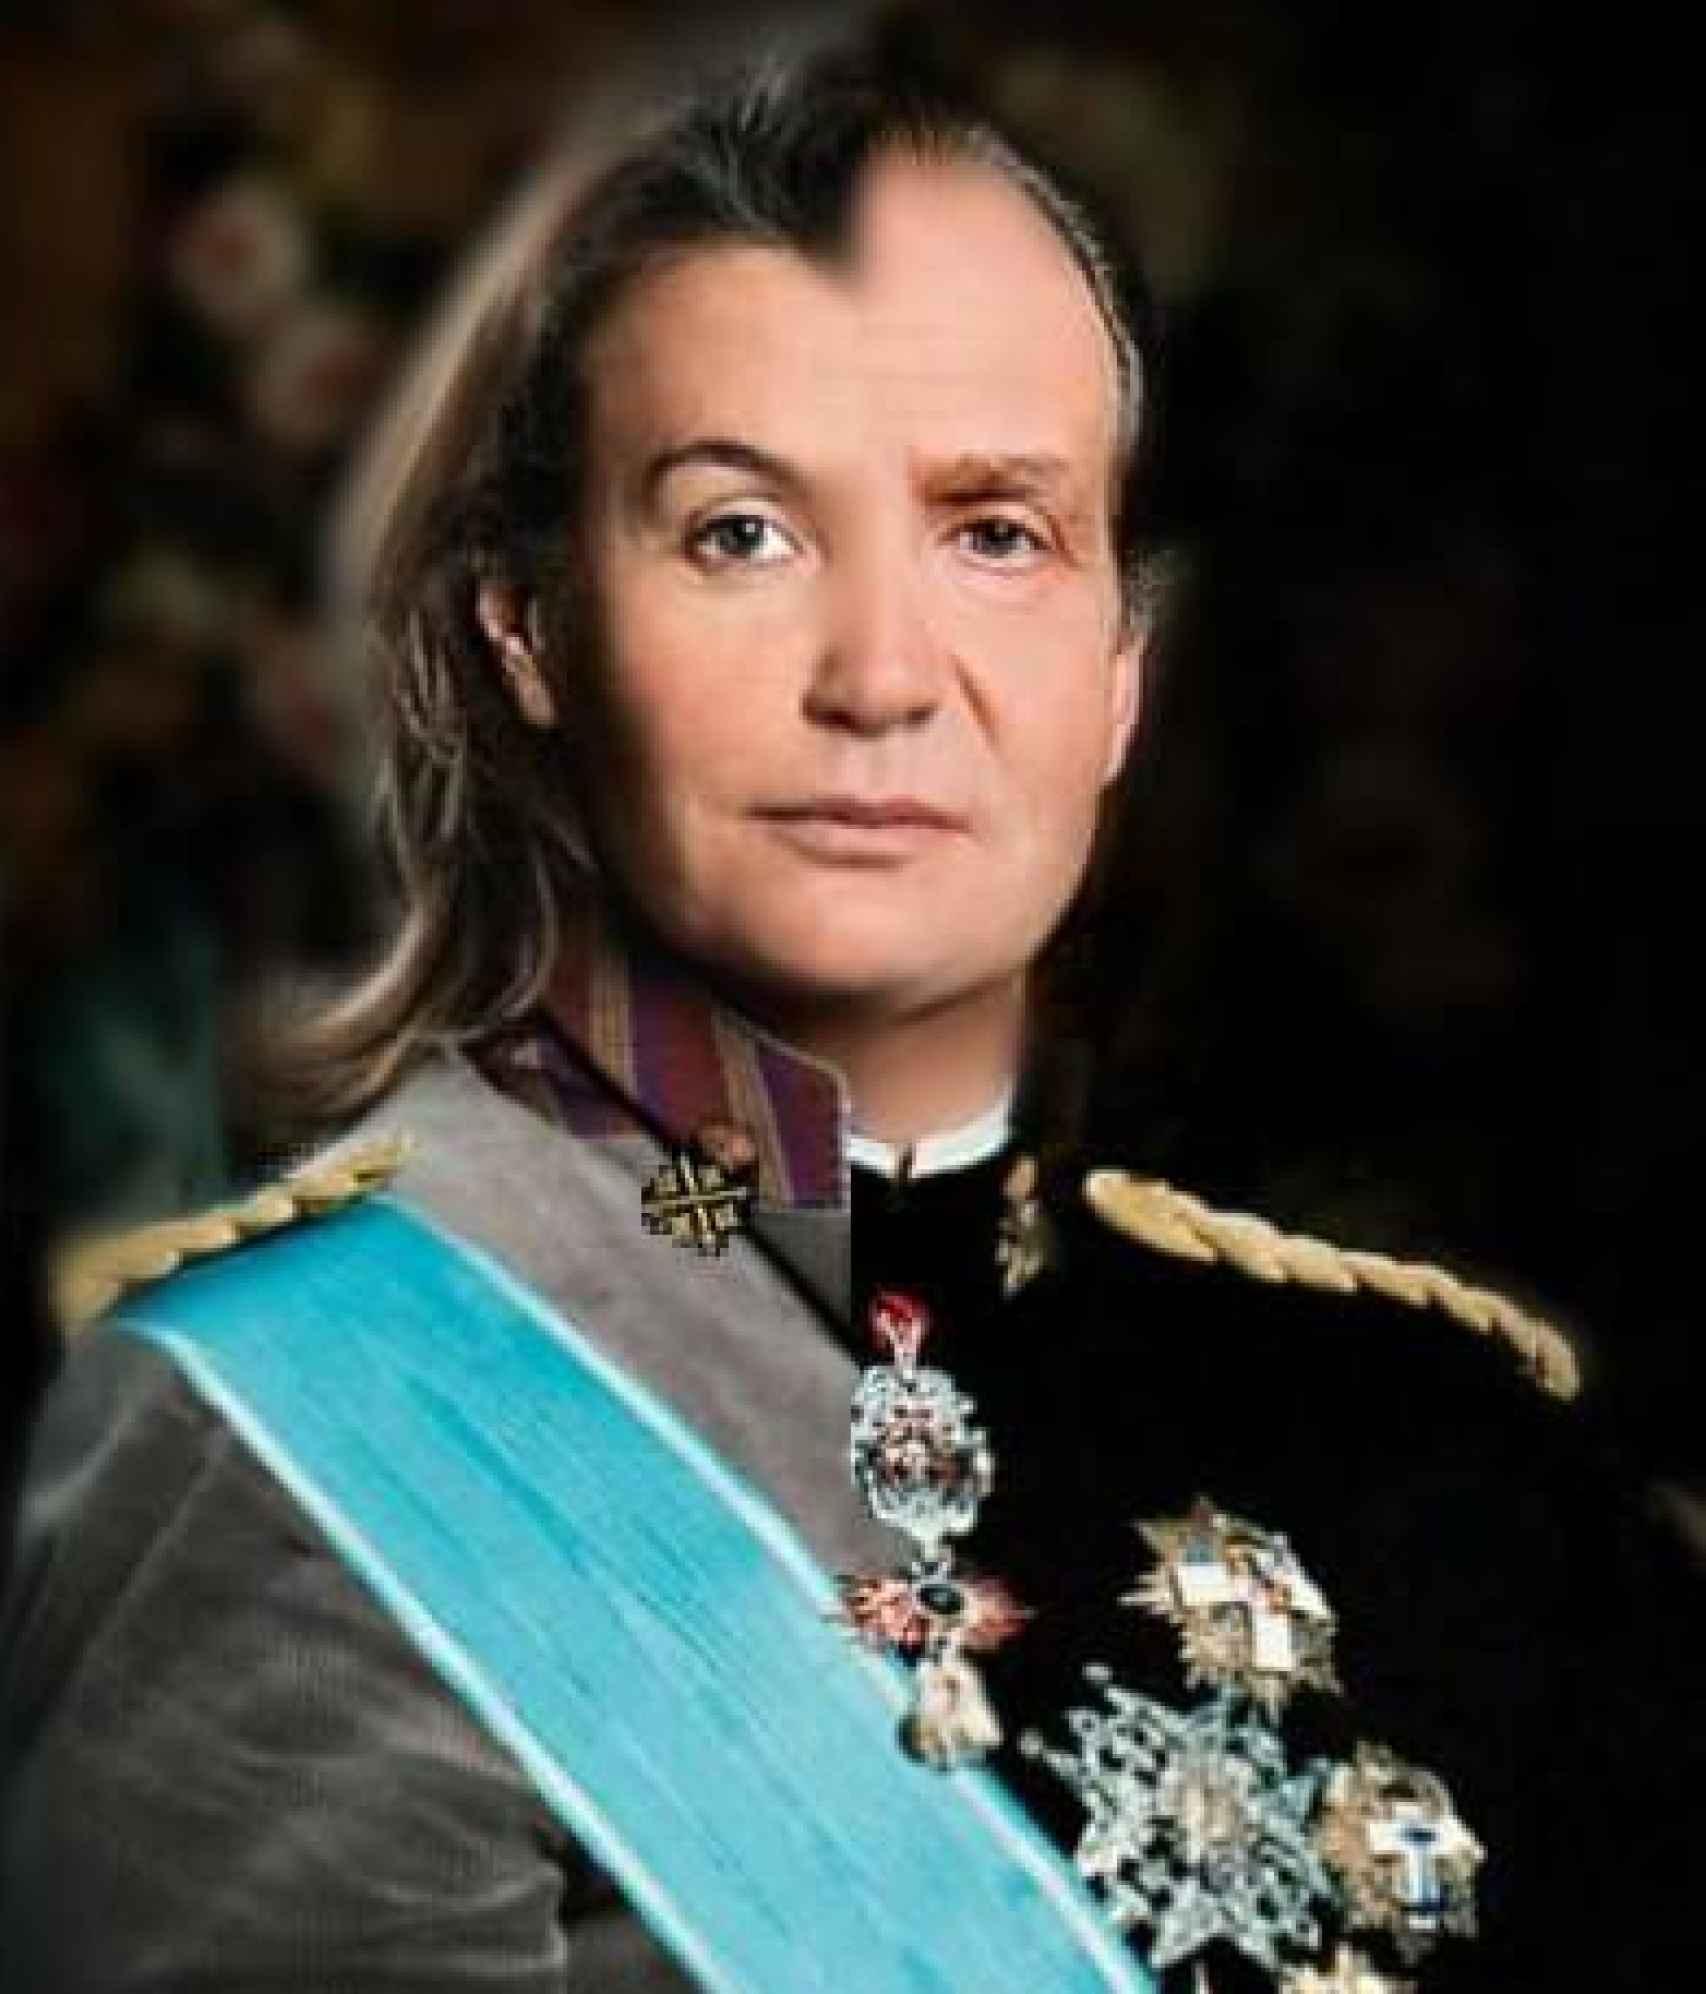 Imagen que demuestra, según Ingrid, su parecido físico con el monarca emérito.